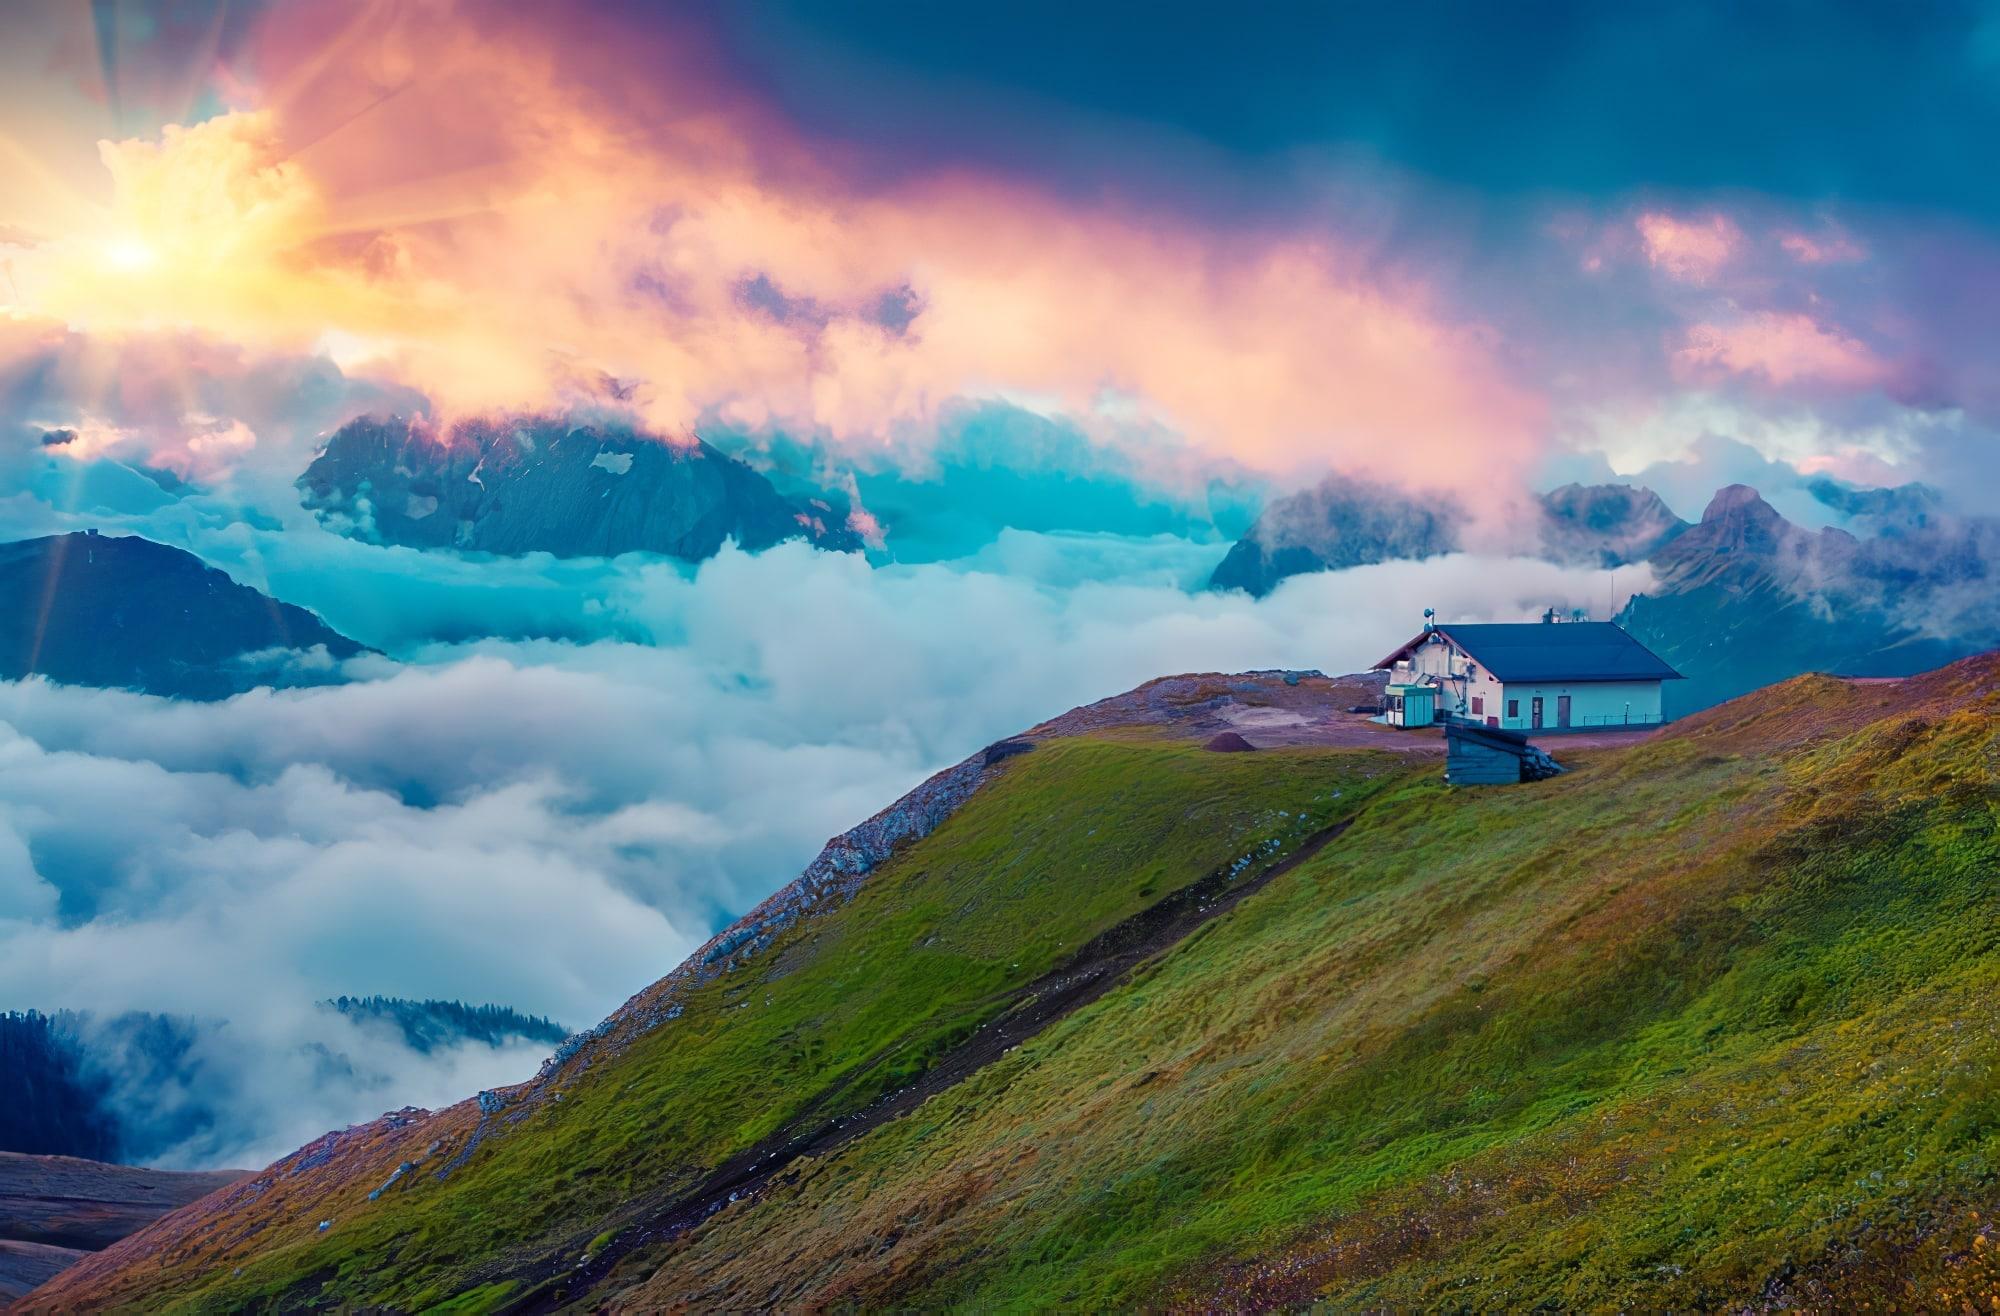 10 refuges de montagne à découvrir dans le monde